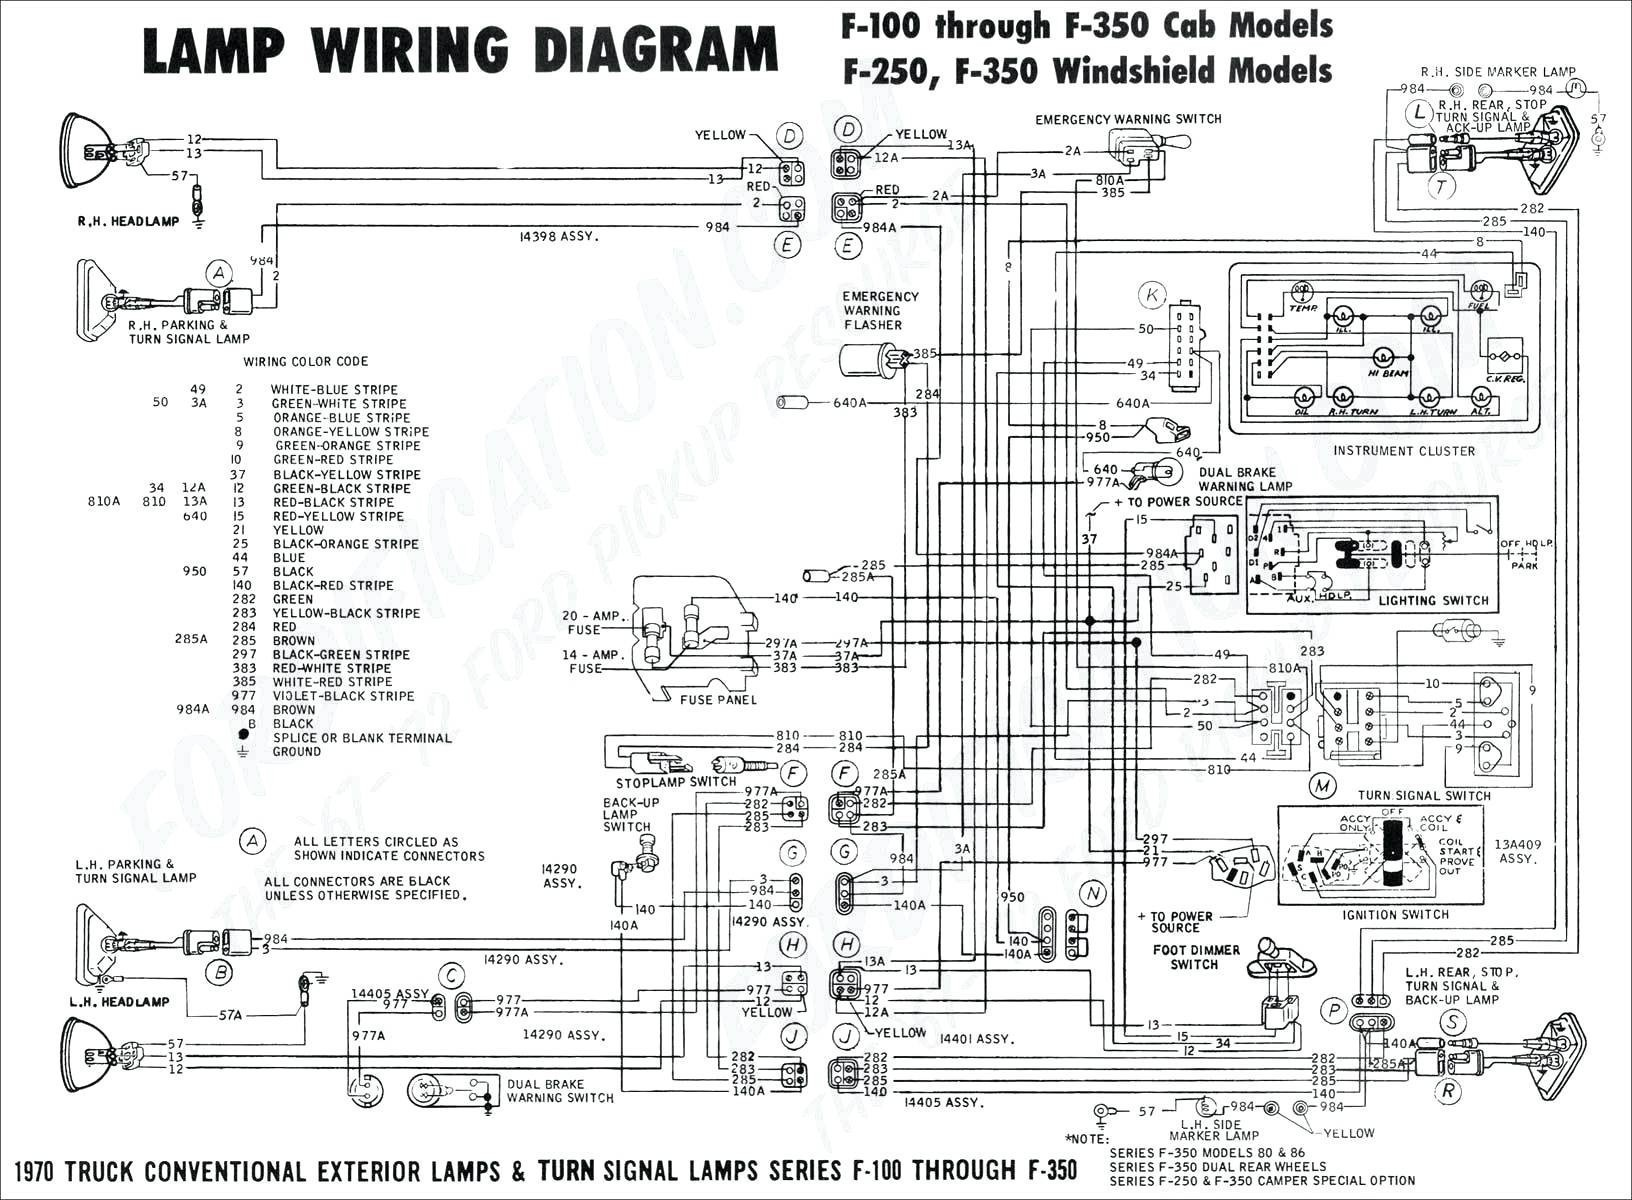 2003 Lexus Es300 Engine Diagram 1997 F700 Wiring Diagram Another Blog About Wiring Diagram • Of 2003 Lexus Es300 Engine Diagram